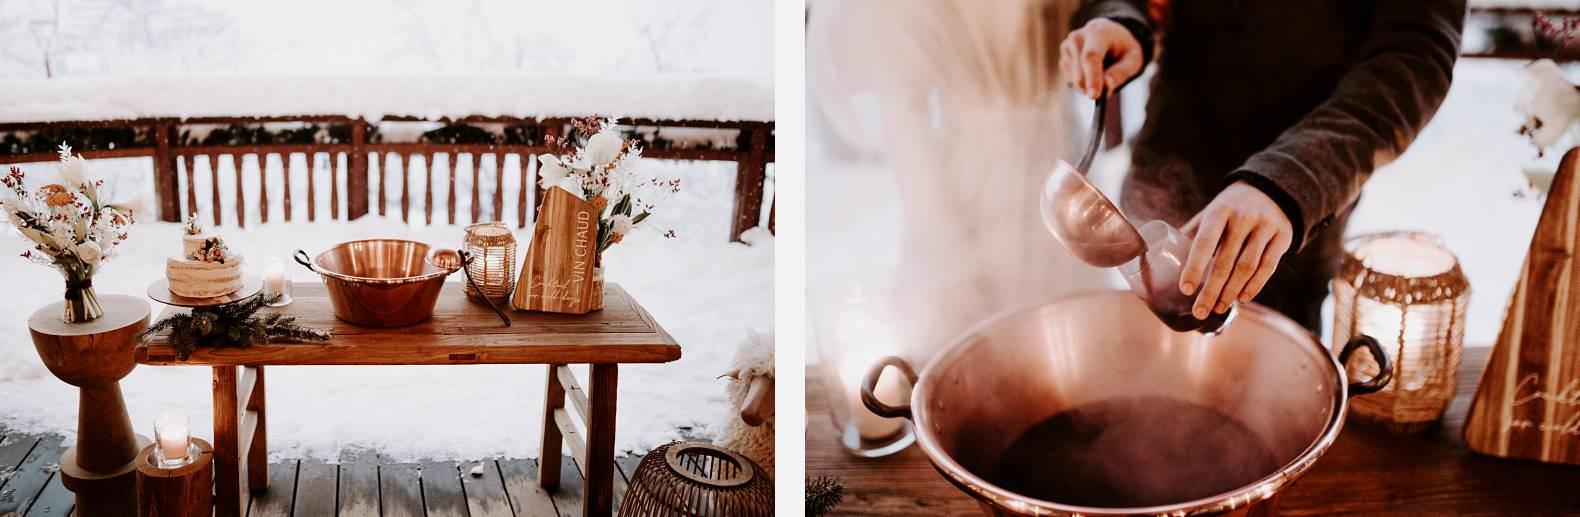 mariage hiver alpes huez isere hotel grandes rousses photographe bel esprit 0039